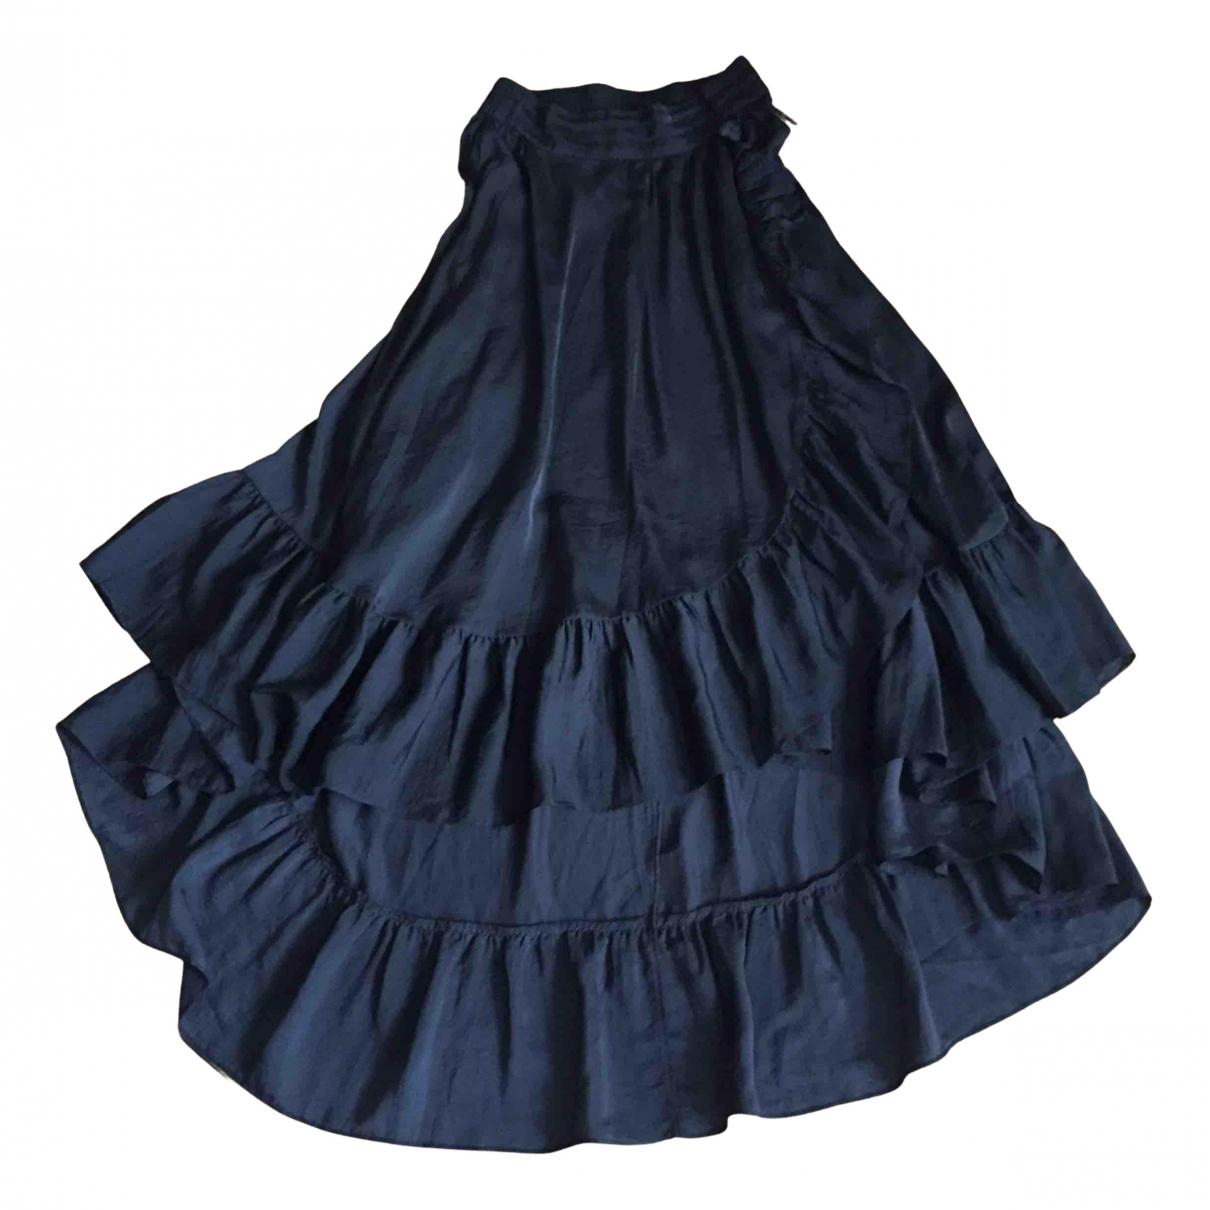 Maje N Black skirt for Women 36 FR